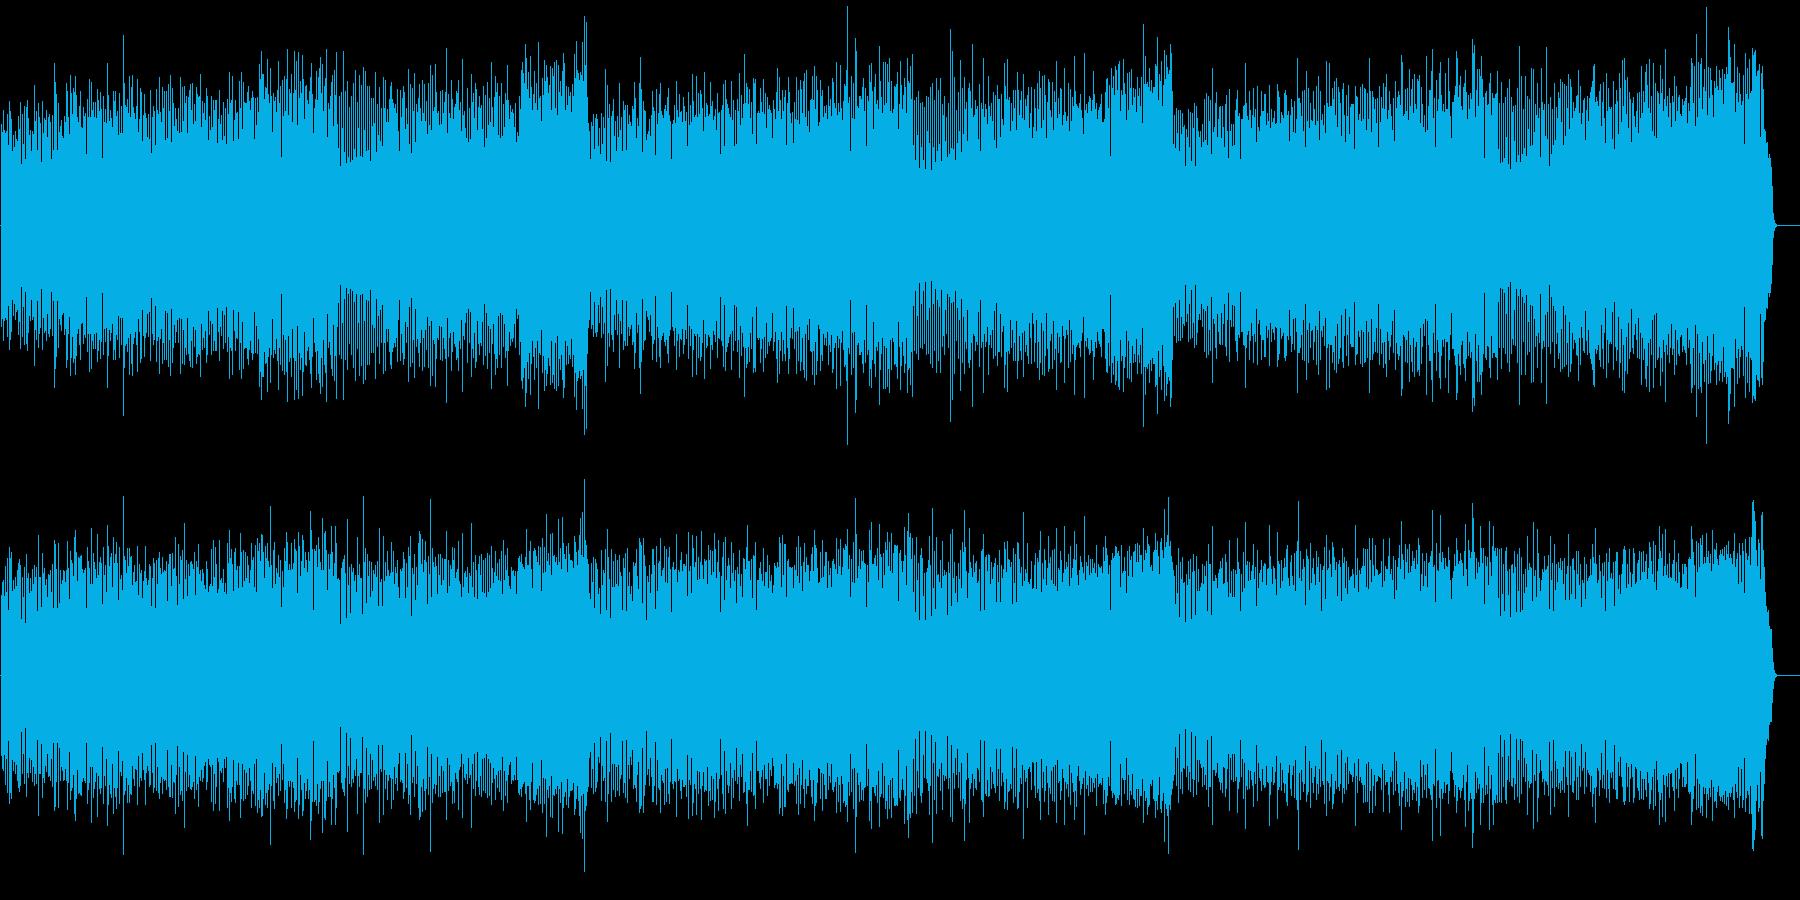 伸びのびとした明るめのポップ・サウンドの再生済みの波形